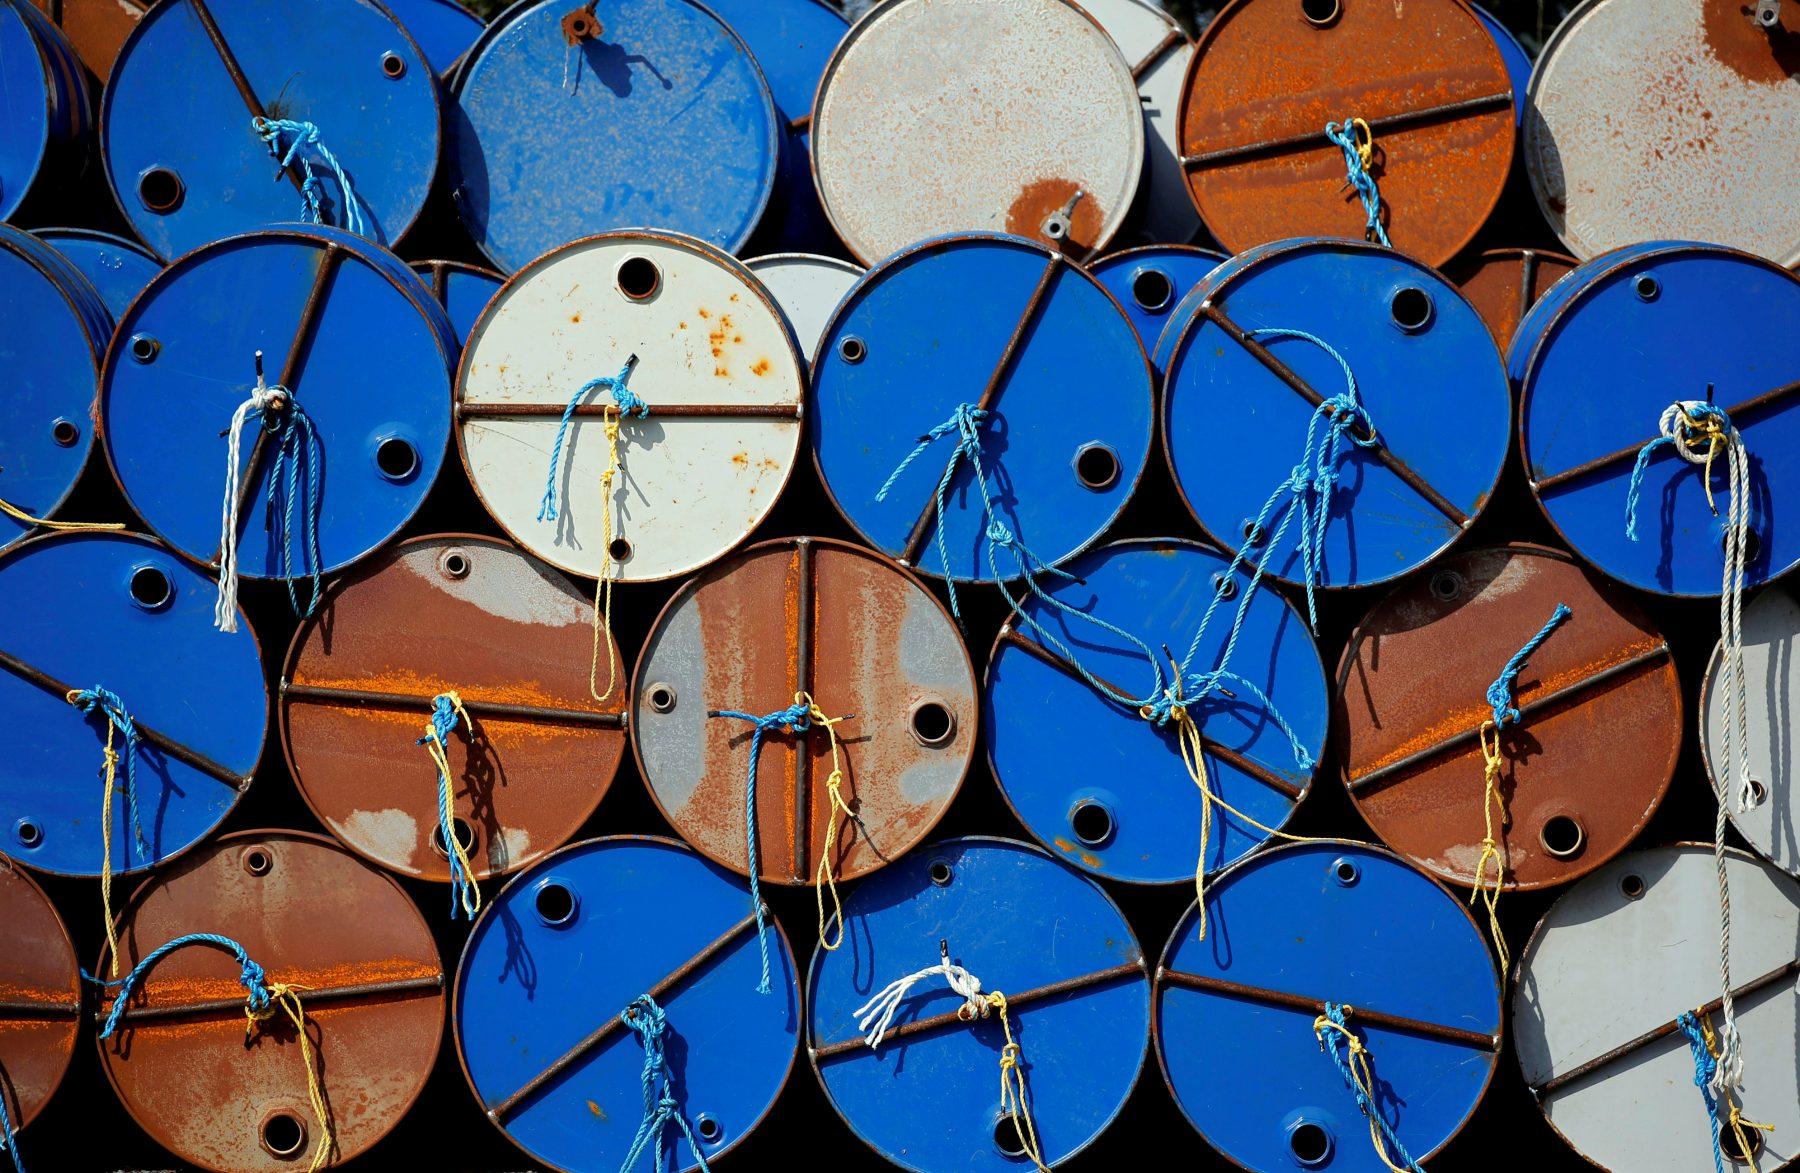 Crisis en Arabia Saudita puede disparar el petróleo a 150 dólares por barril